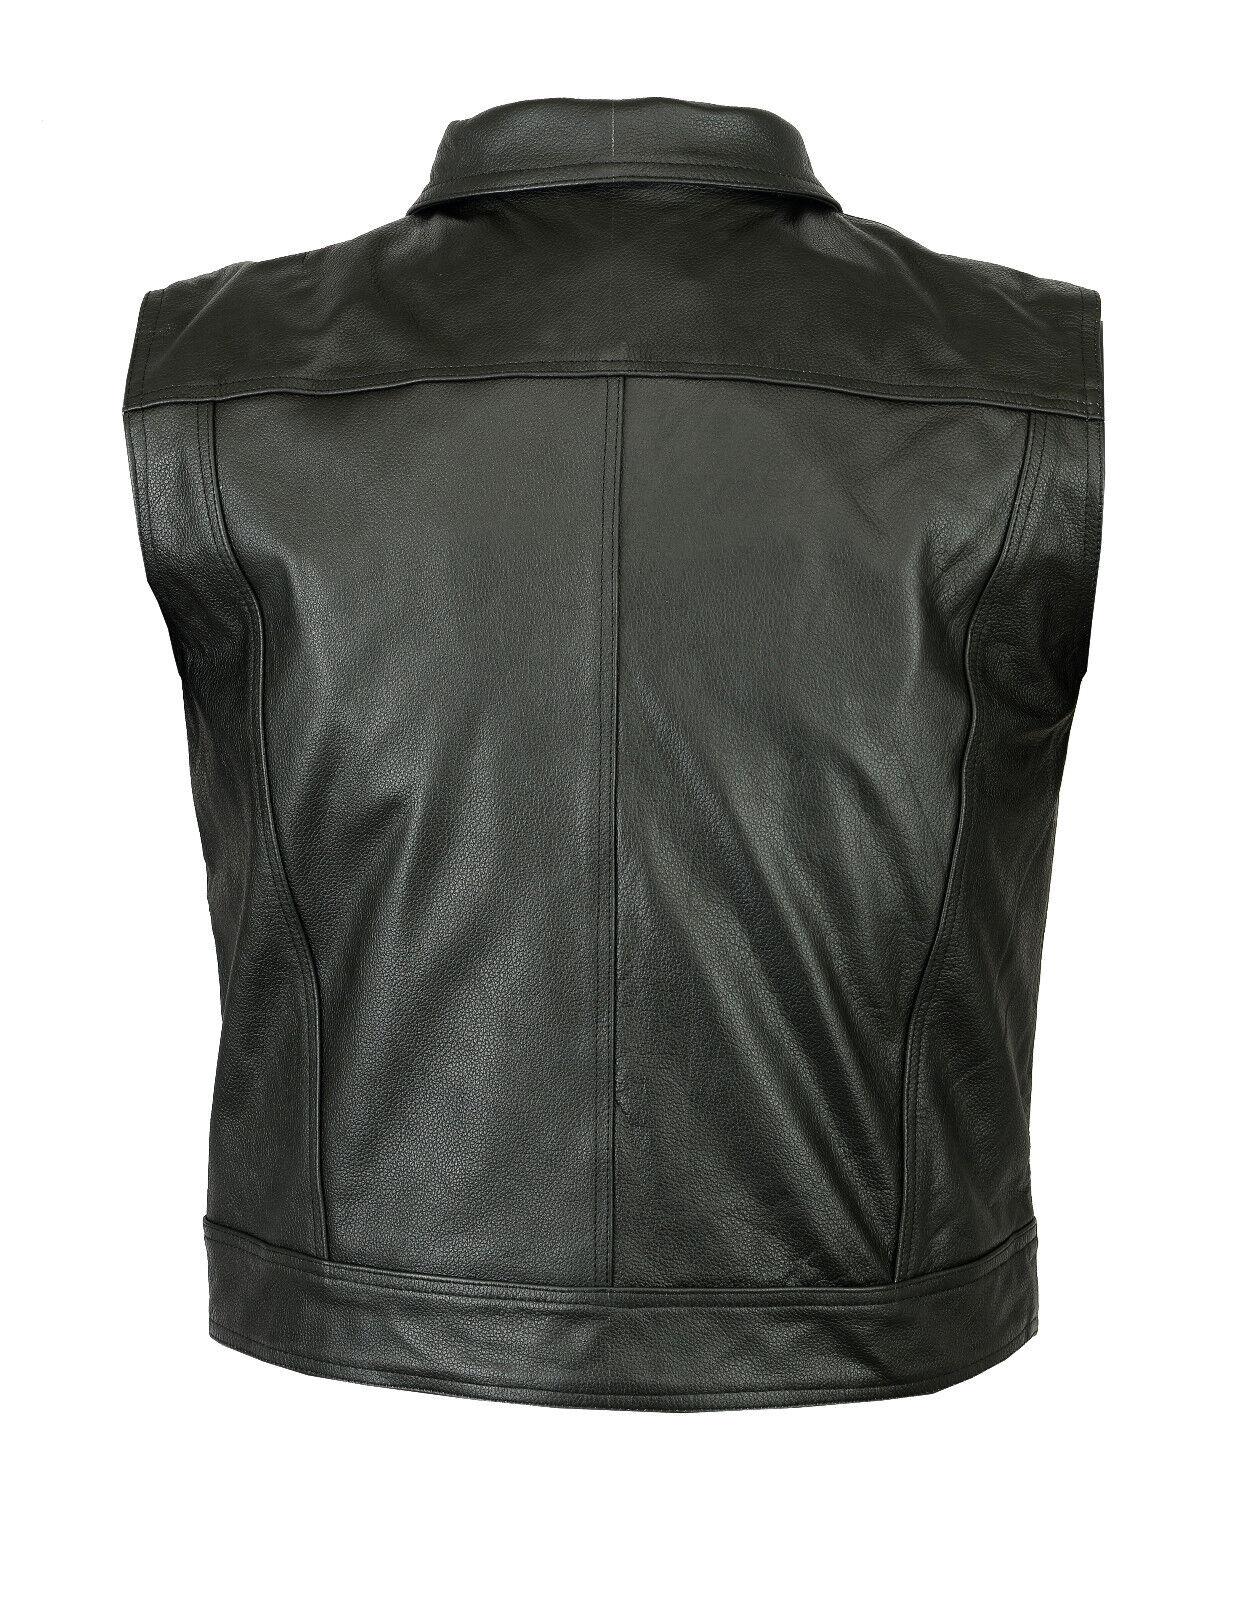 veste gilet cuir peau de vache homme moto wasik d contract neuf eur 52 86 picclick fr. Black Bedroom Furniture Sets. Home Design Ideas